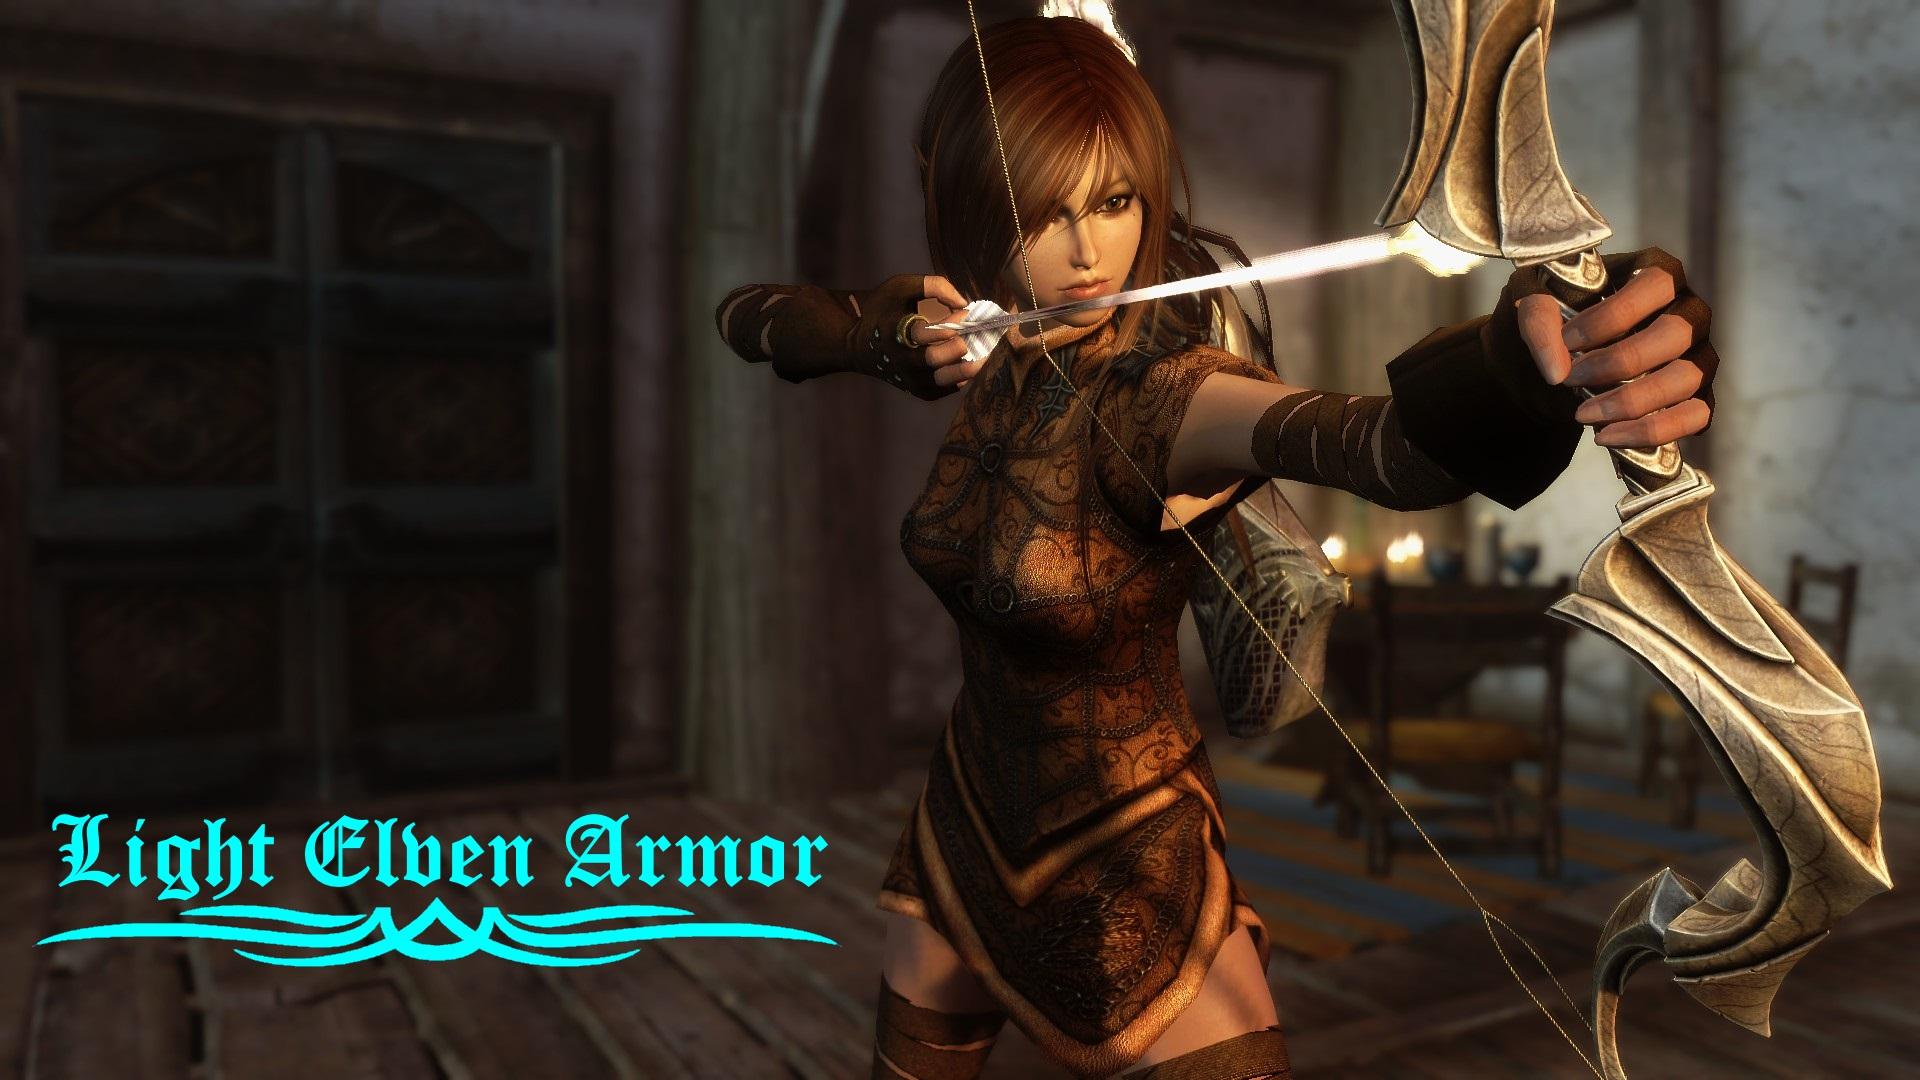 Light_Elven_Armor_L.jpg